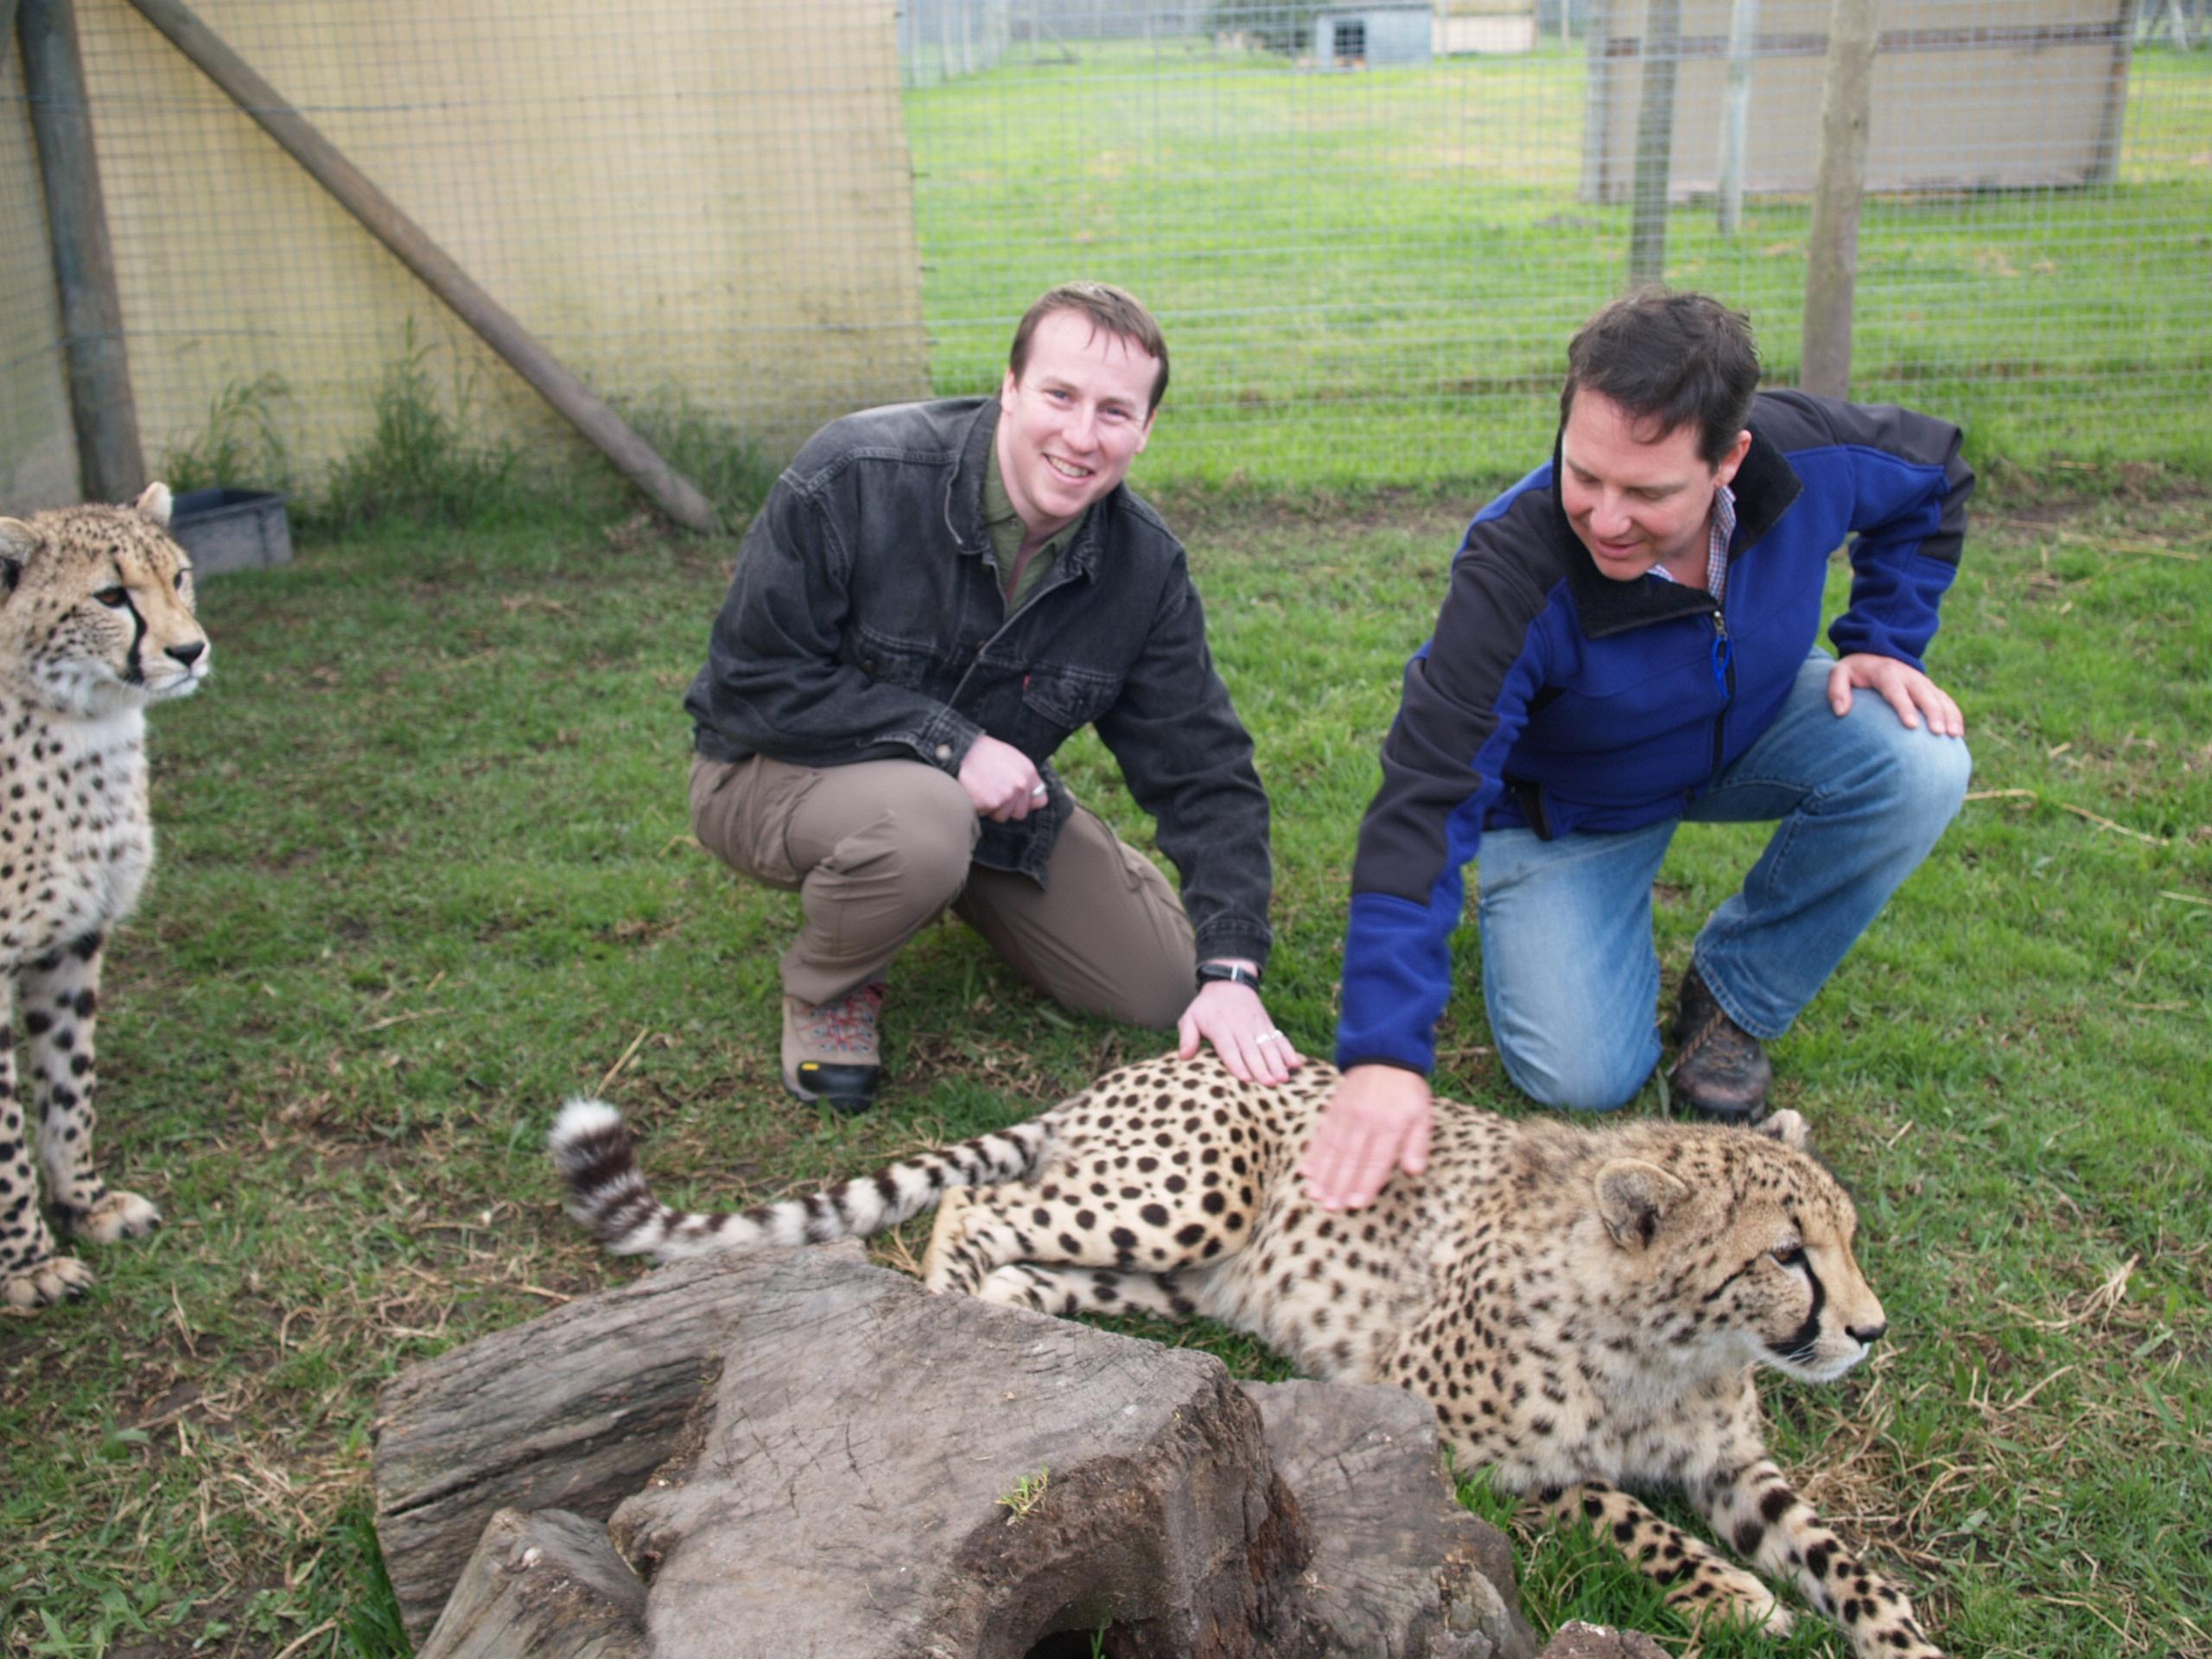 Cheetahs Julius Kyle